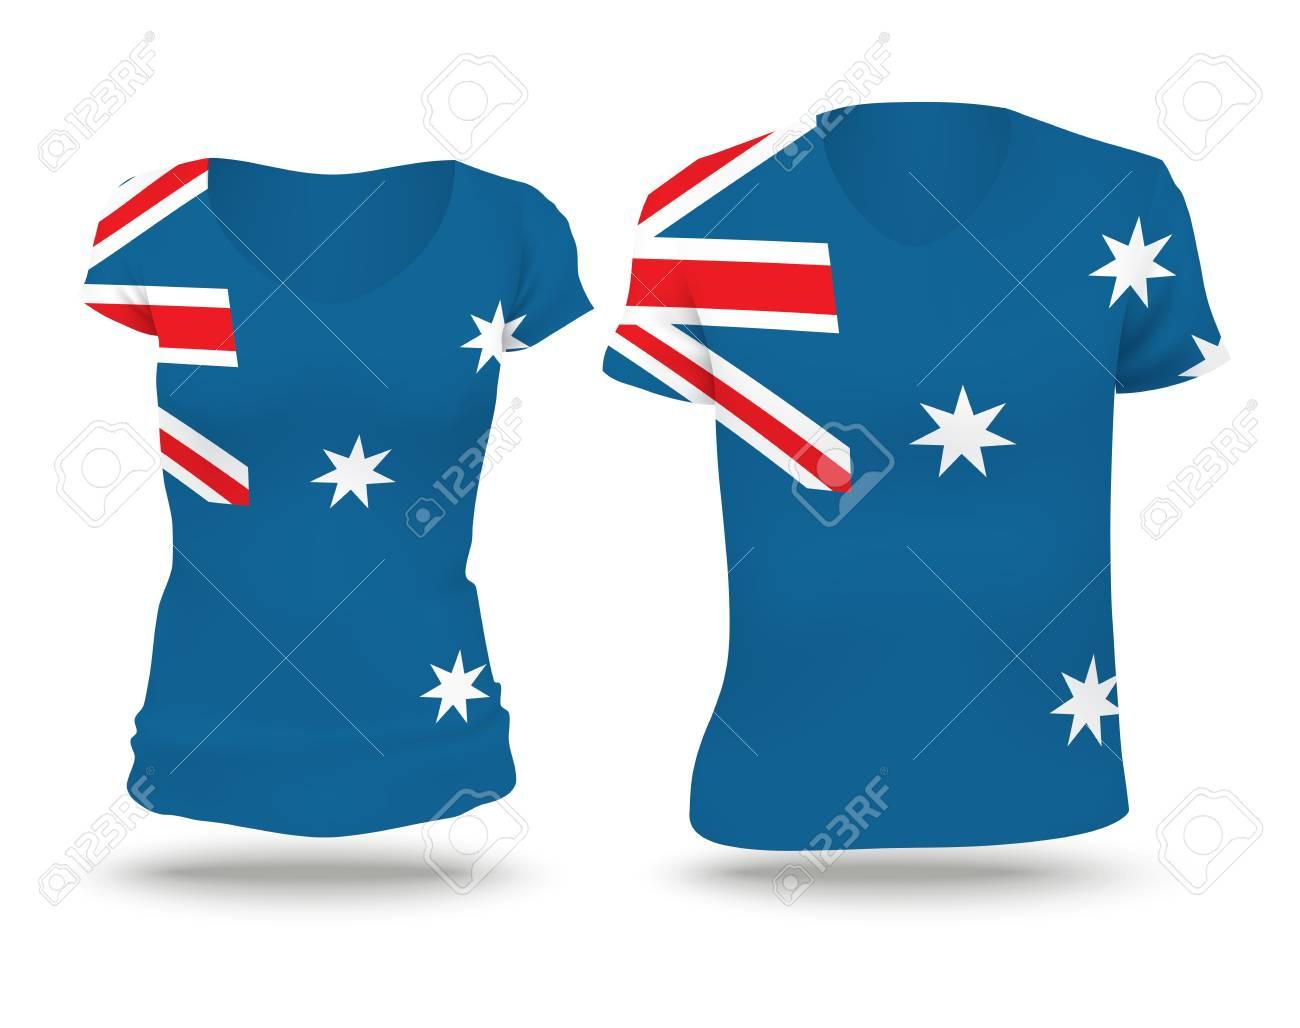 Shirt design australia - Flag Shirt Design Of Australia Vector Illustration Stock Vector 42298632